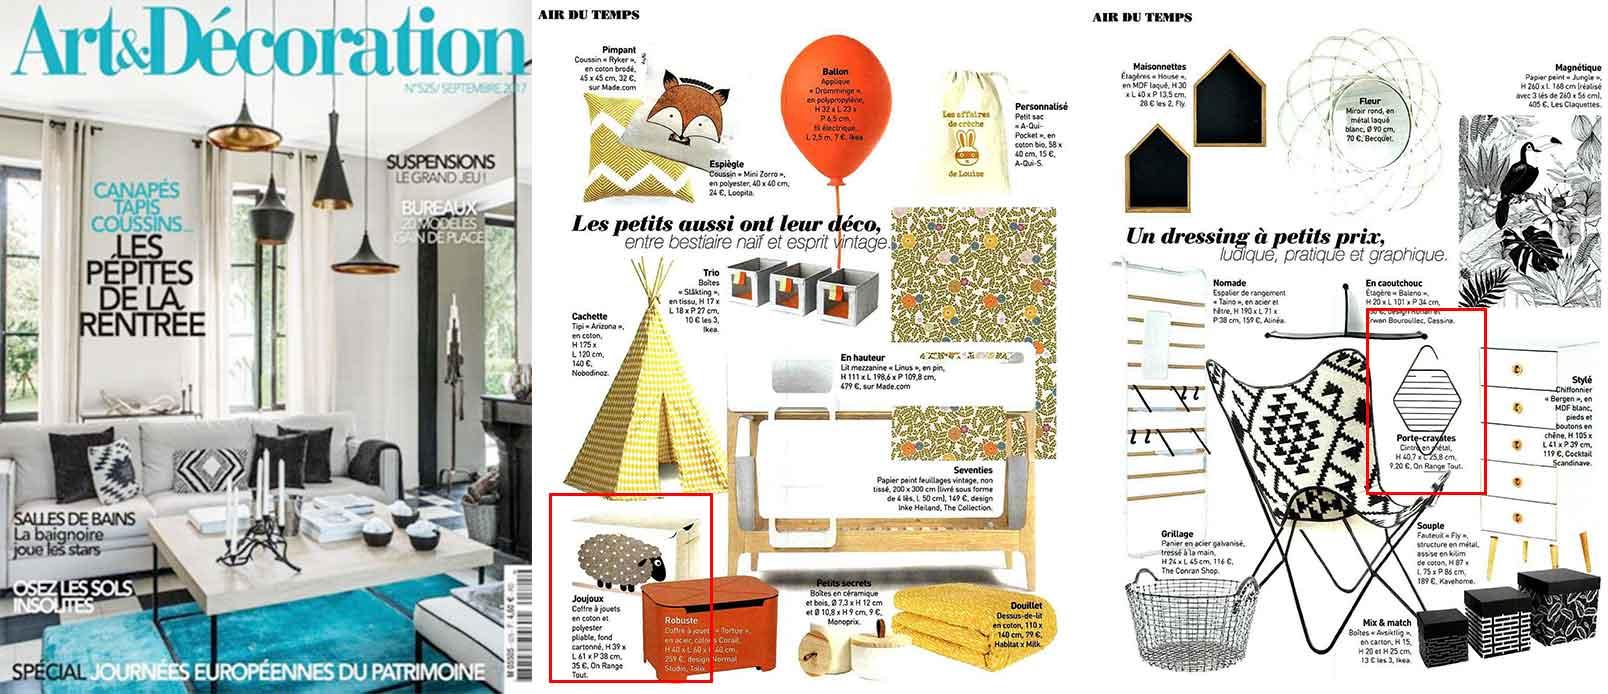 Une du magazine Art et décoration septembre